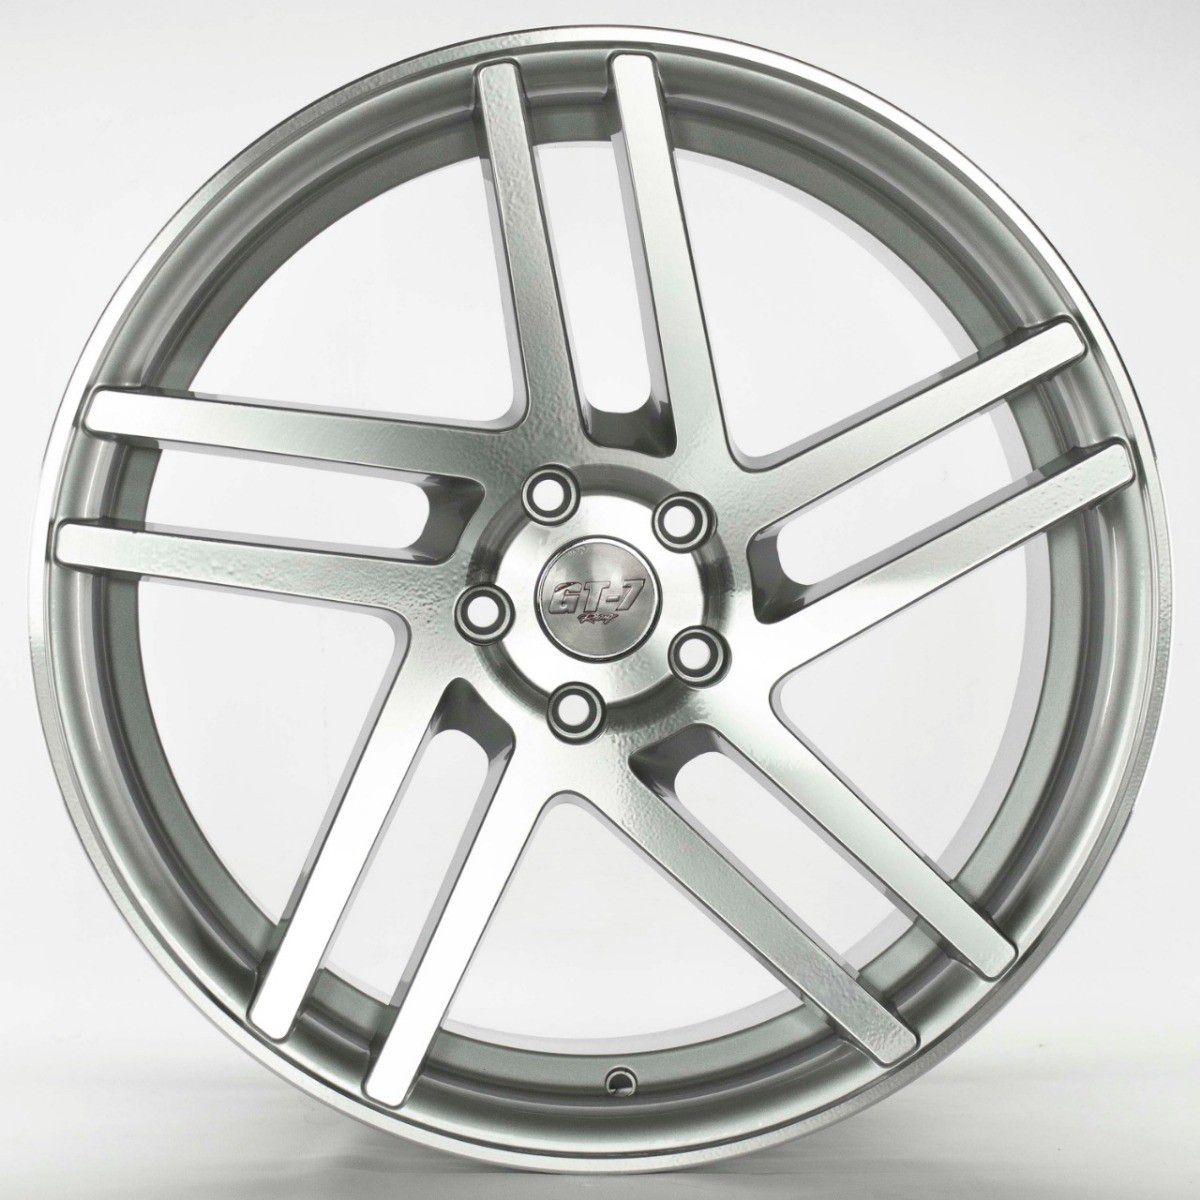 Jogo 4 Rodas GT7 Roadster V1 Aro 20 Tala 8,5 Furação 5x100 ET35 Prata com diamantado